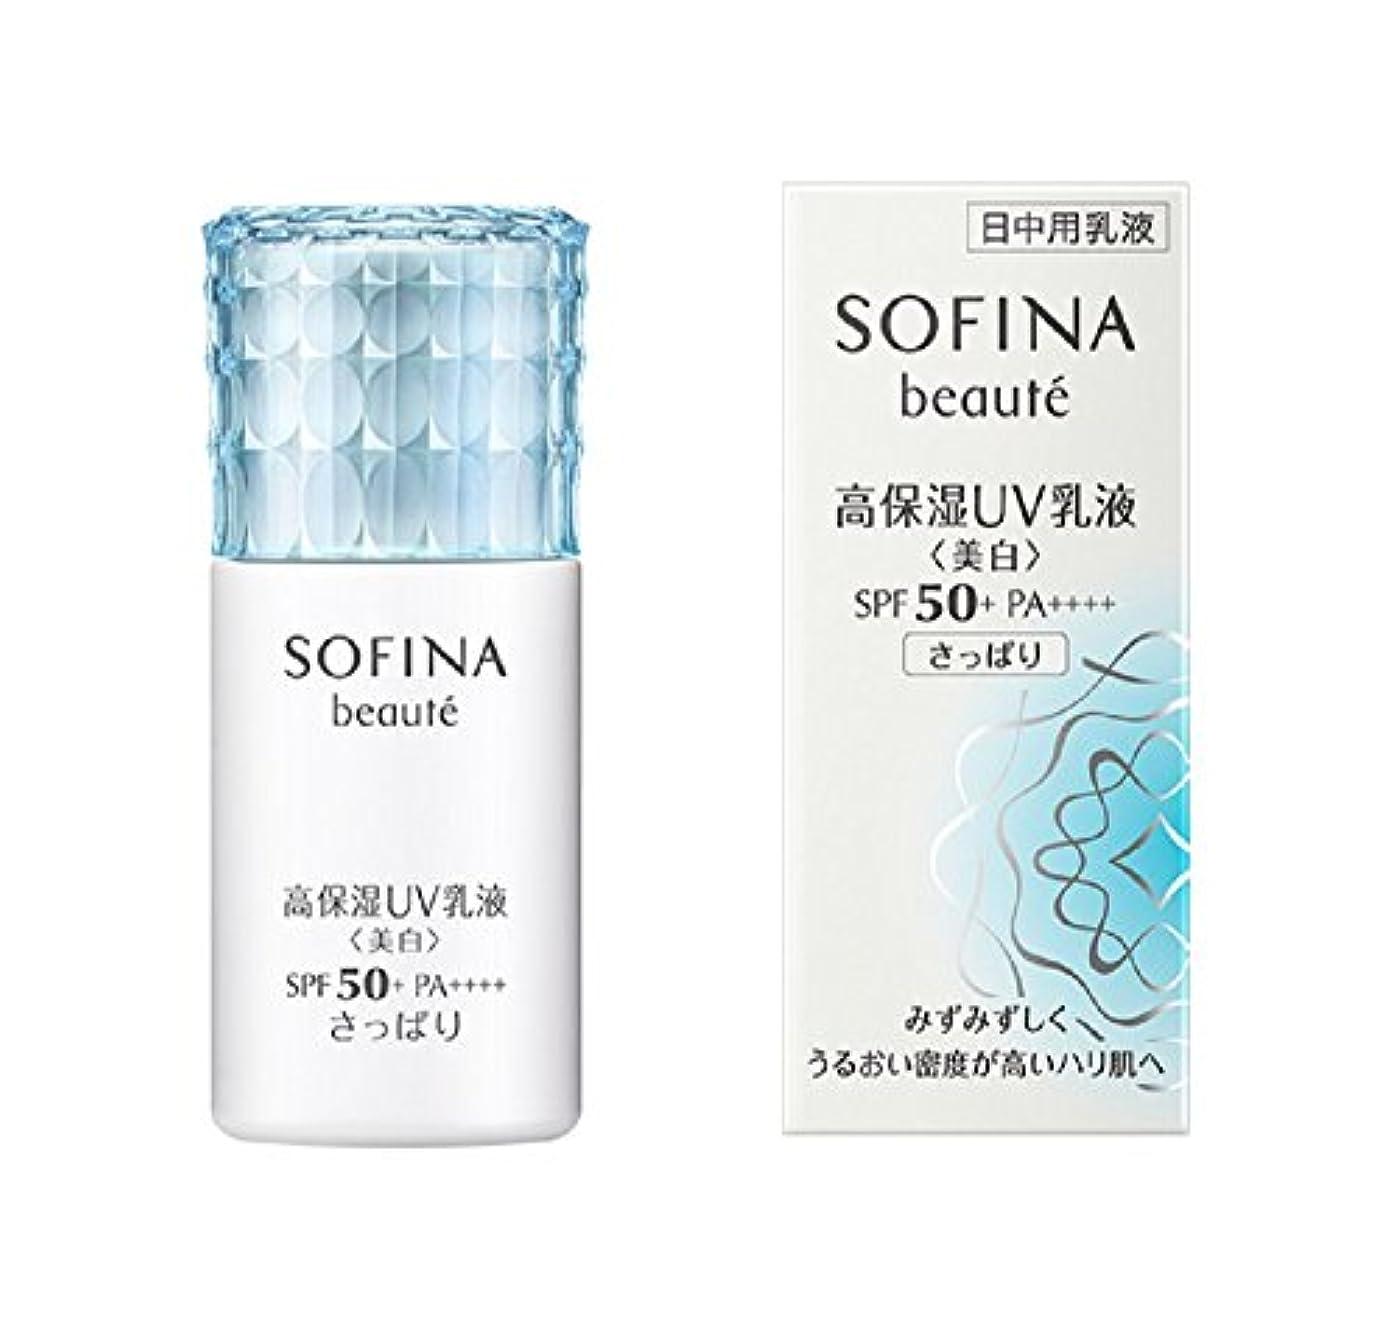 謎小さいそれぞれ【花王ソフィーナ】ソフィーナ ボーテ 朝の美白乳液 SPF50+ PA++++ さっぱり 32ml